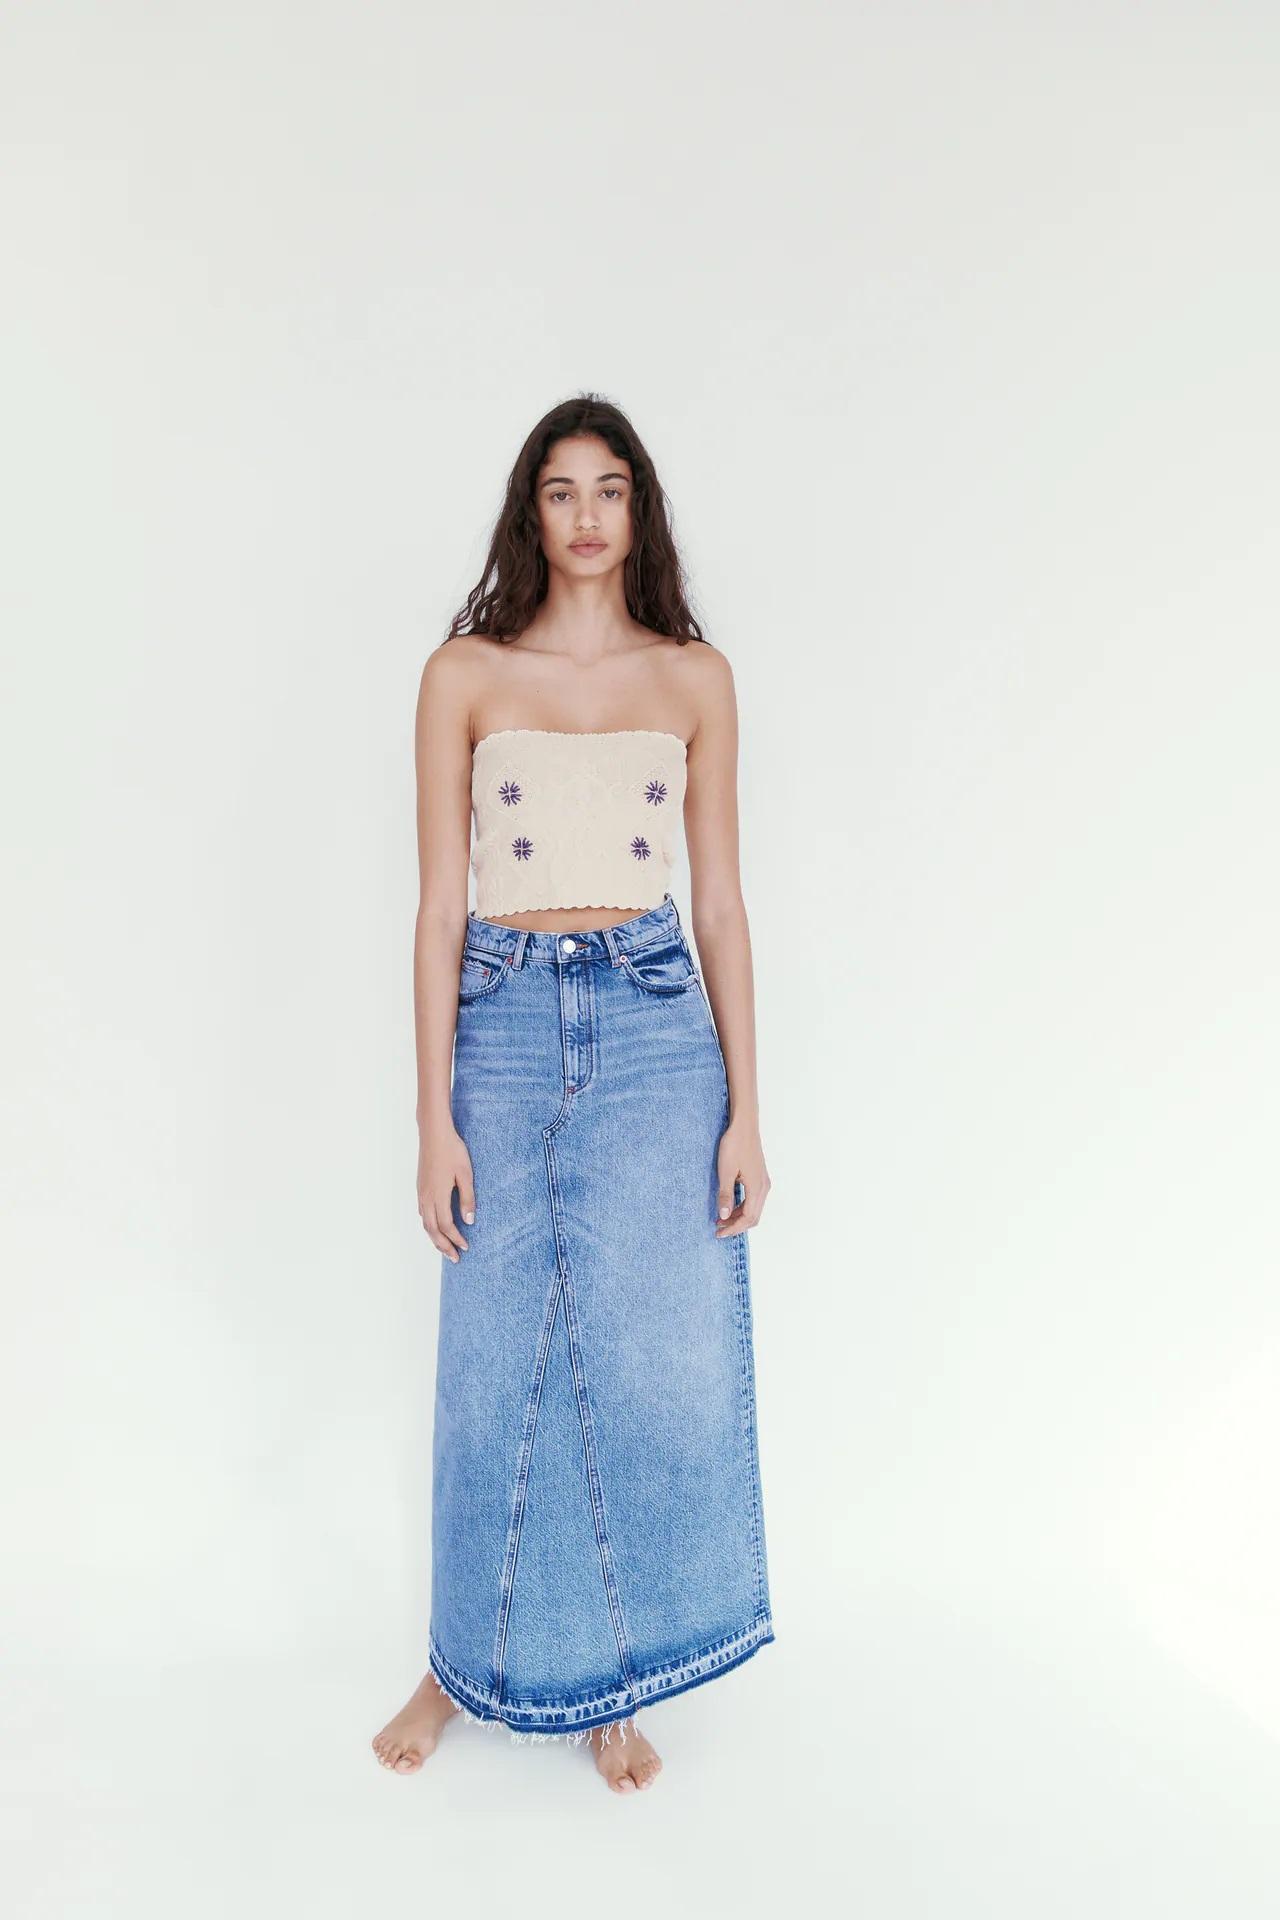 Zara recupera la falda larga que llevaste en los 90 y es tendencia